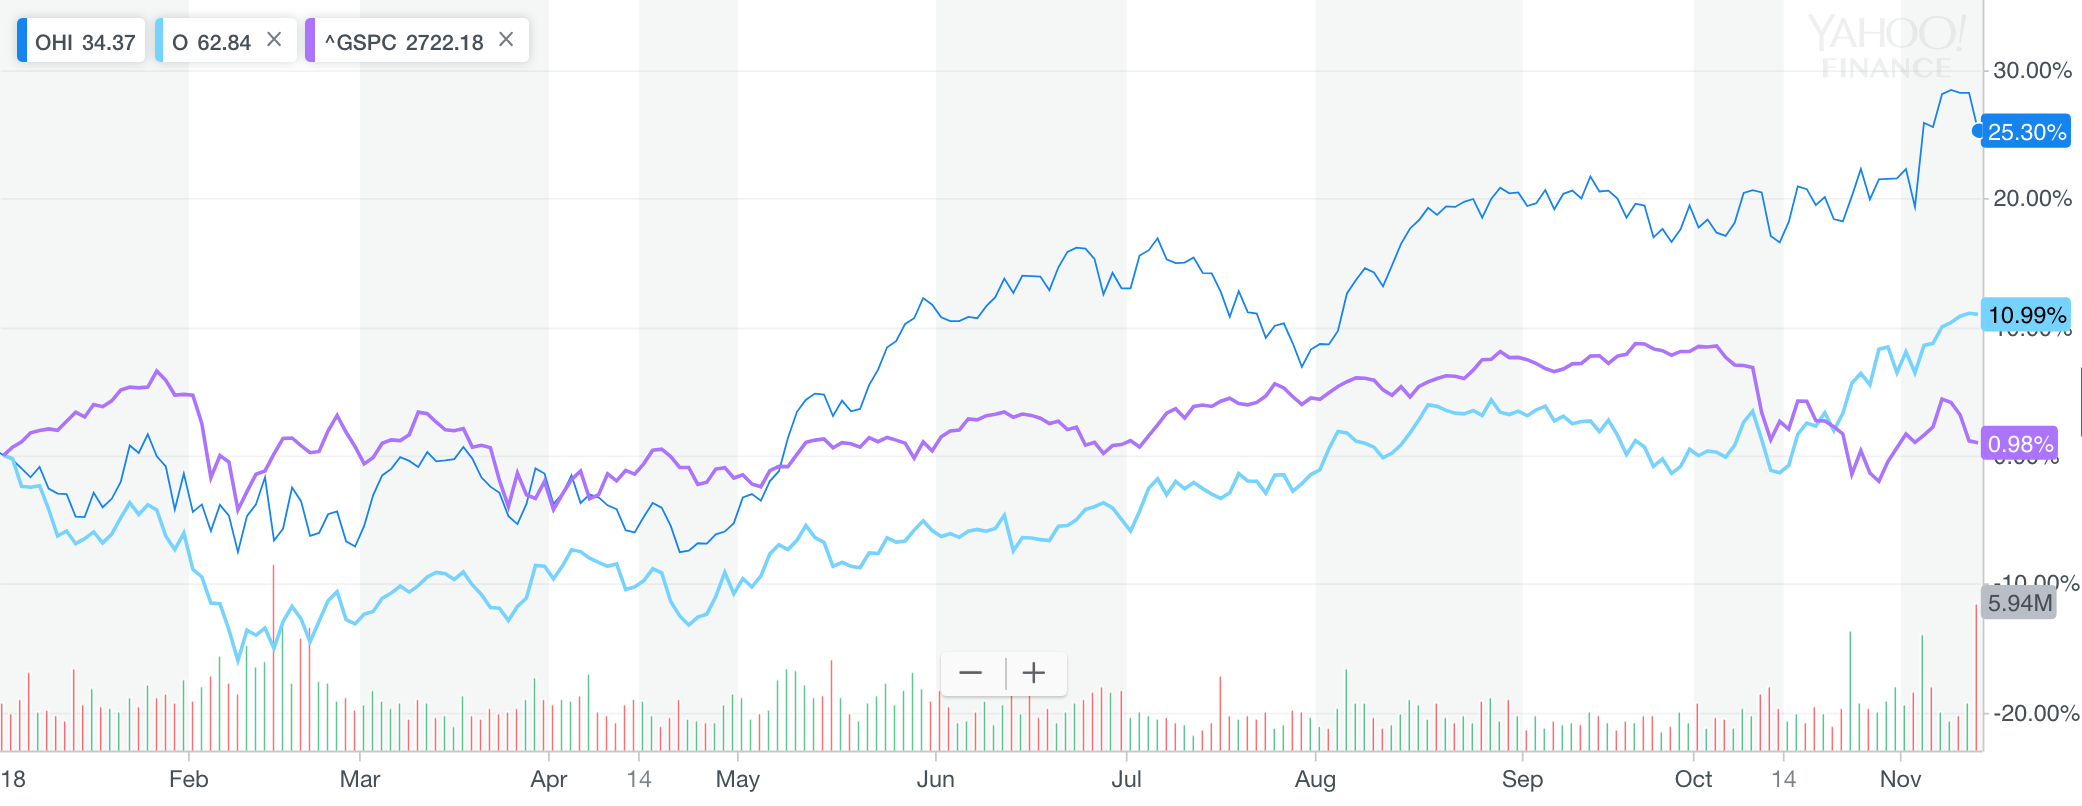 REIT performance versus S&P 500 in 2018